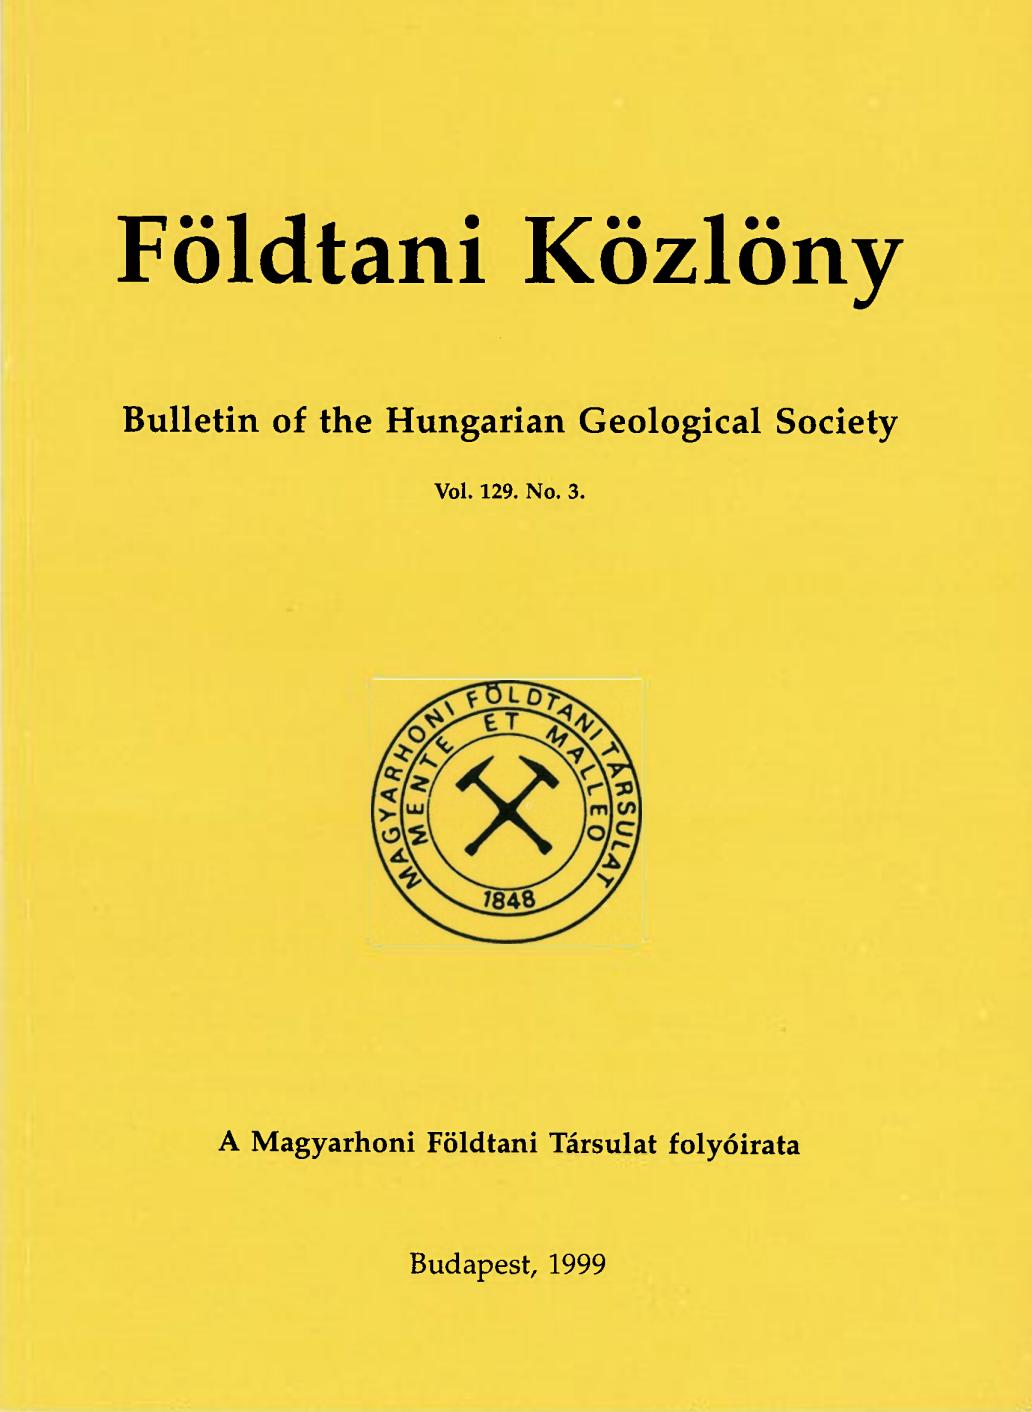 Földtani Közlöny cover